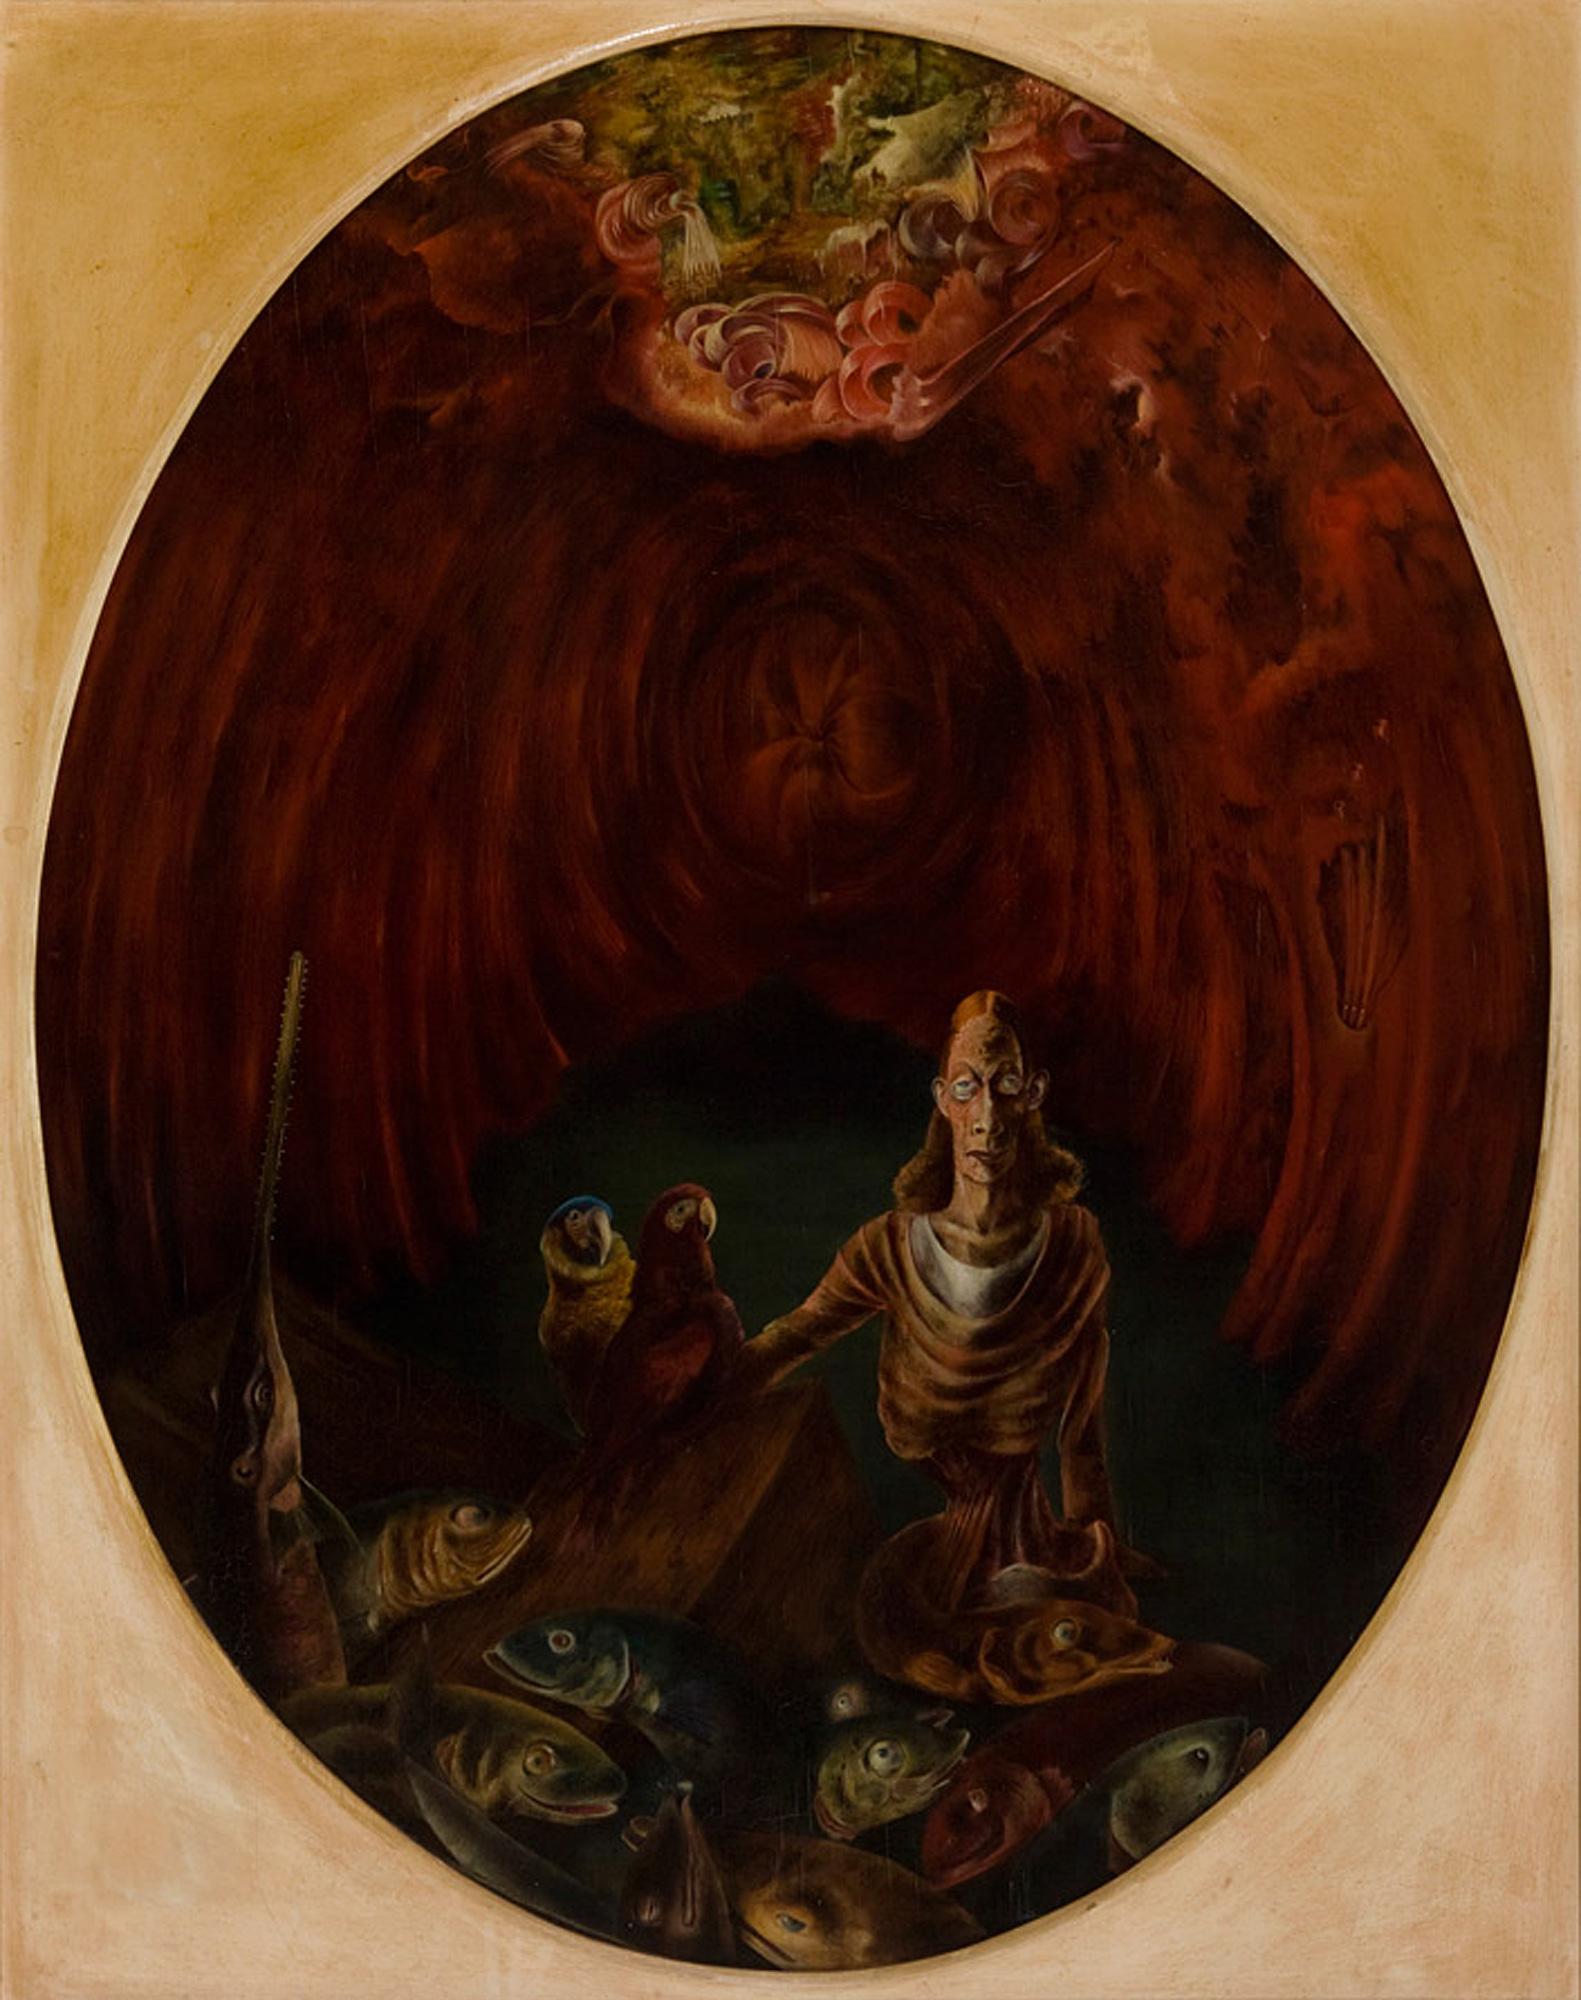 Melle schilder   Jonas, olieverf op paneel